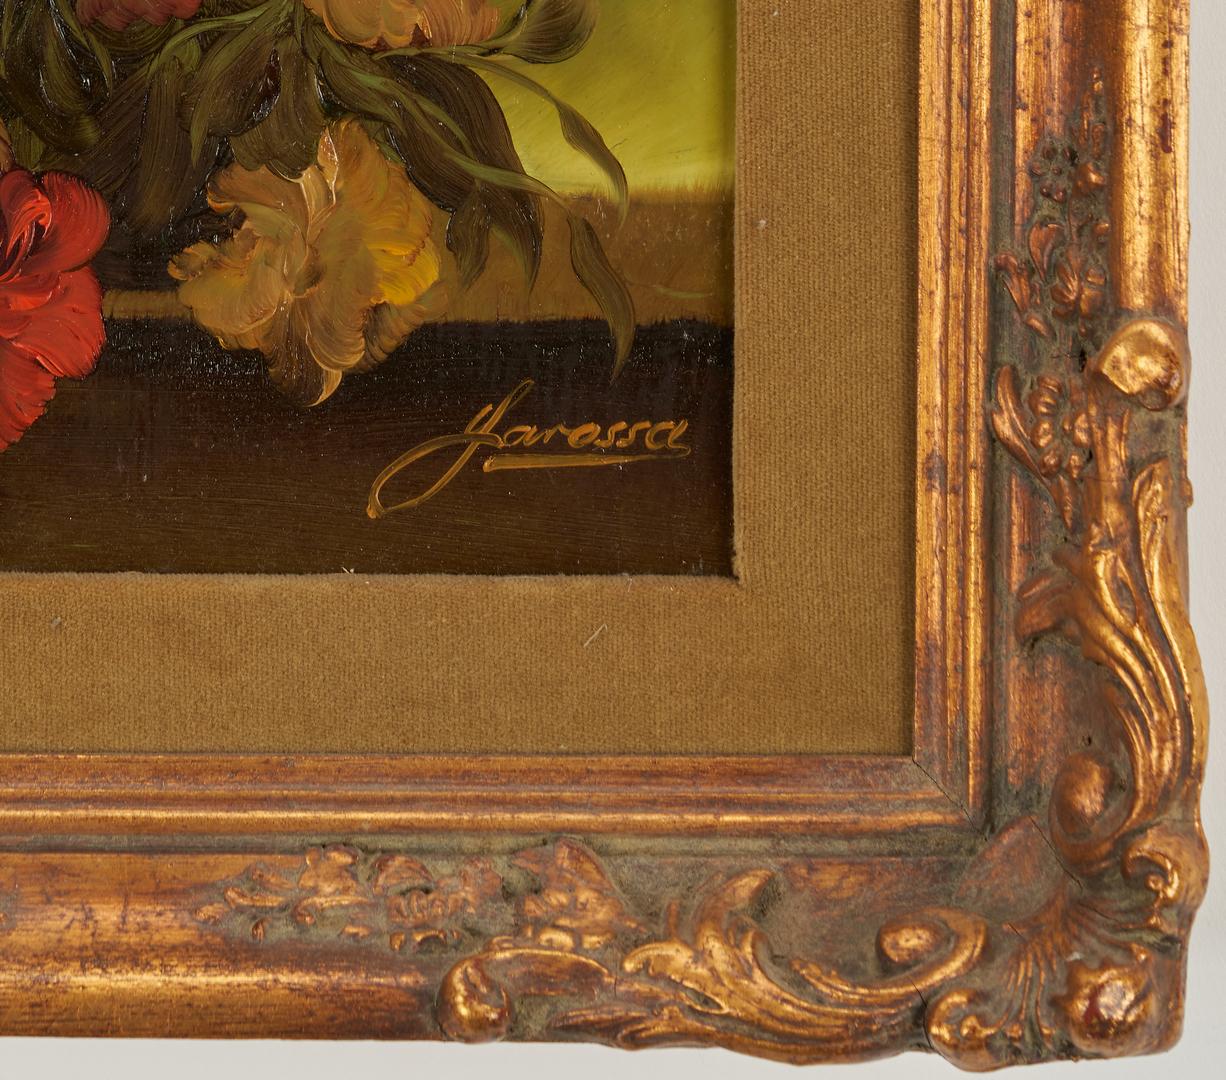 Lot 690: 2 O/B Floral Still Life Paintings, H. Garossa